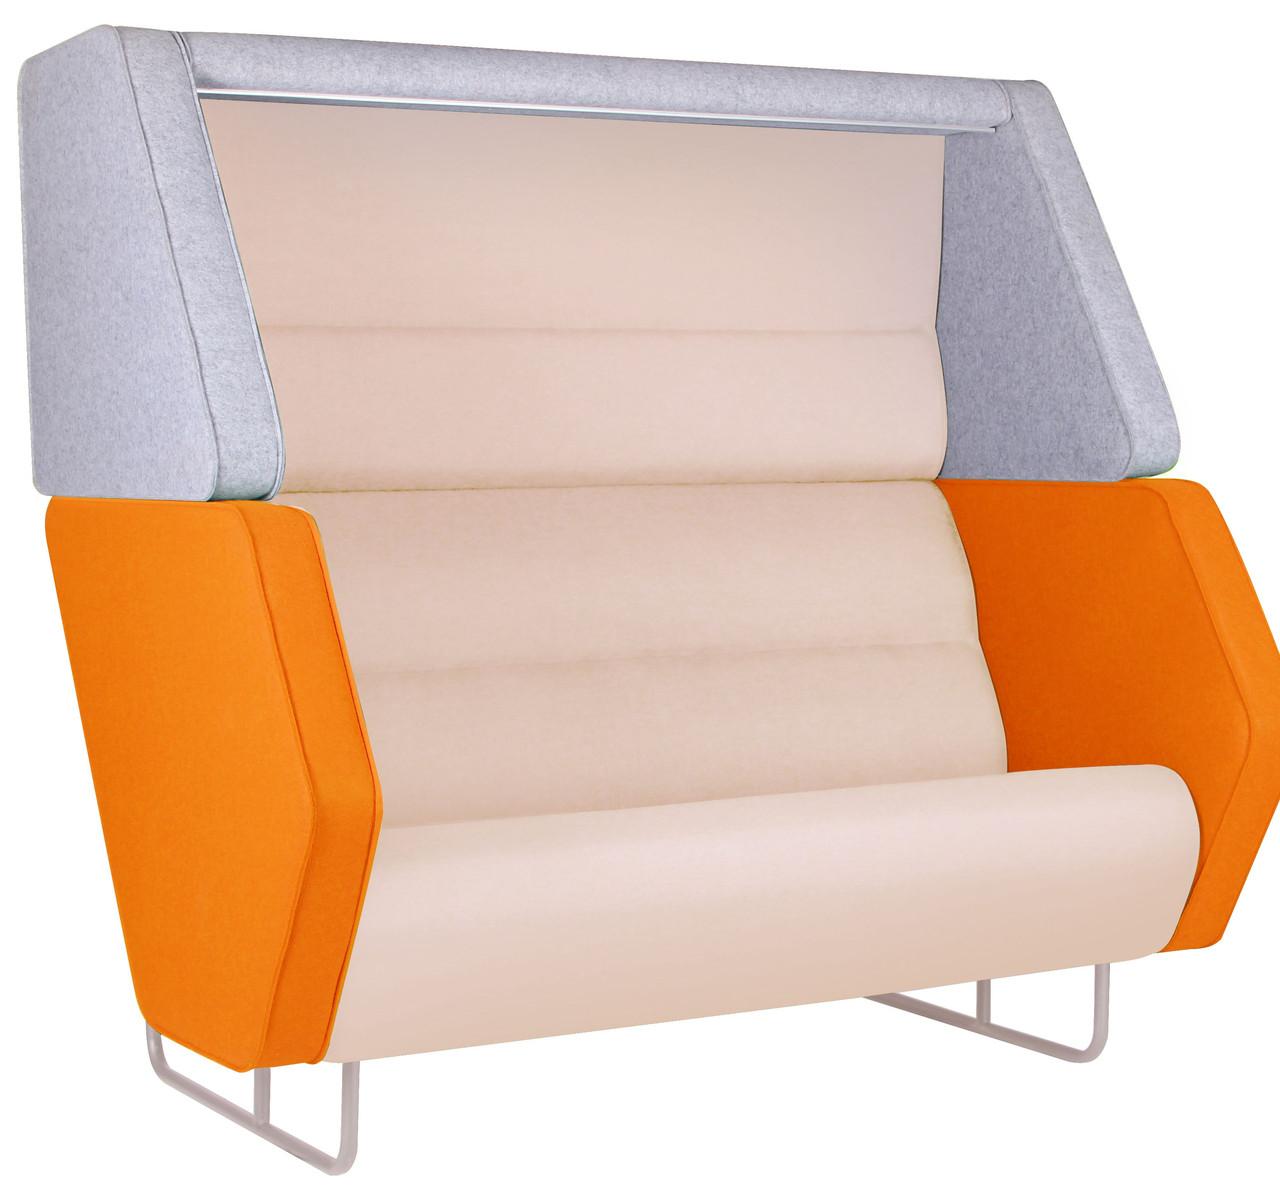 Диван офисный Shell Фетр Серый/Оранжевый, Бежевый ТМ AMF